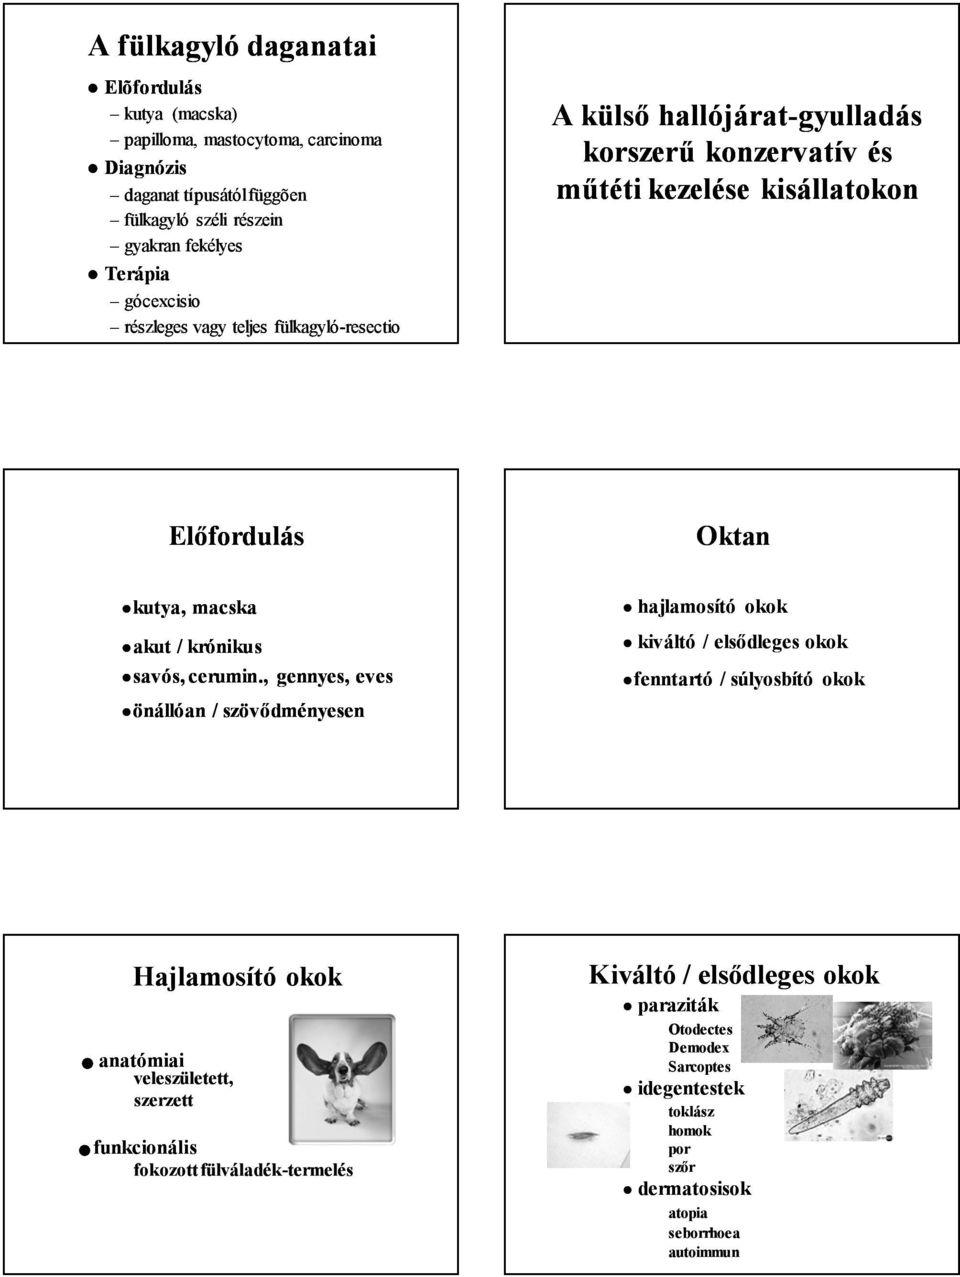 paraziták morgellons betegség